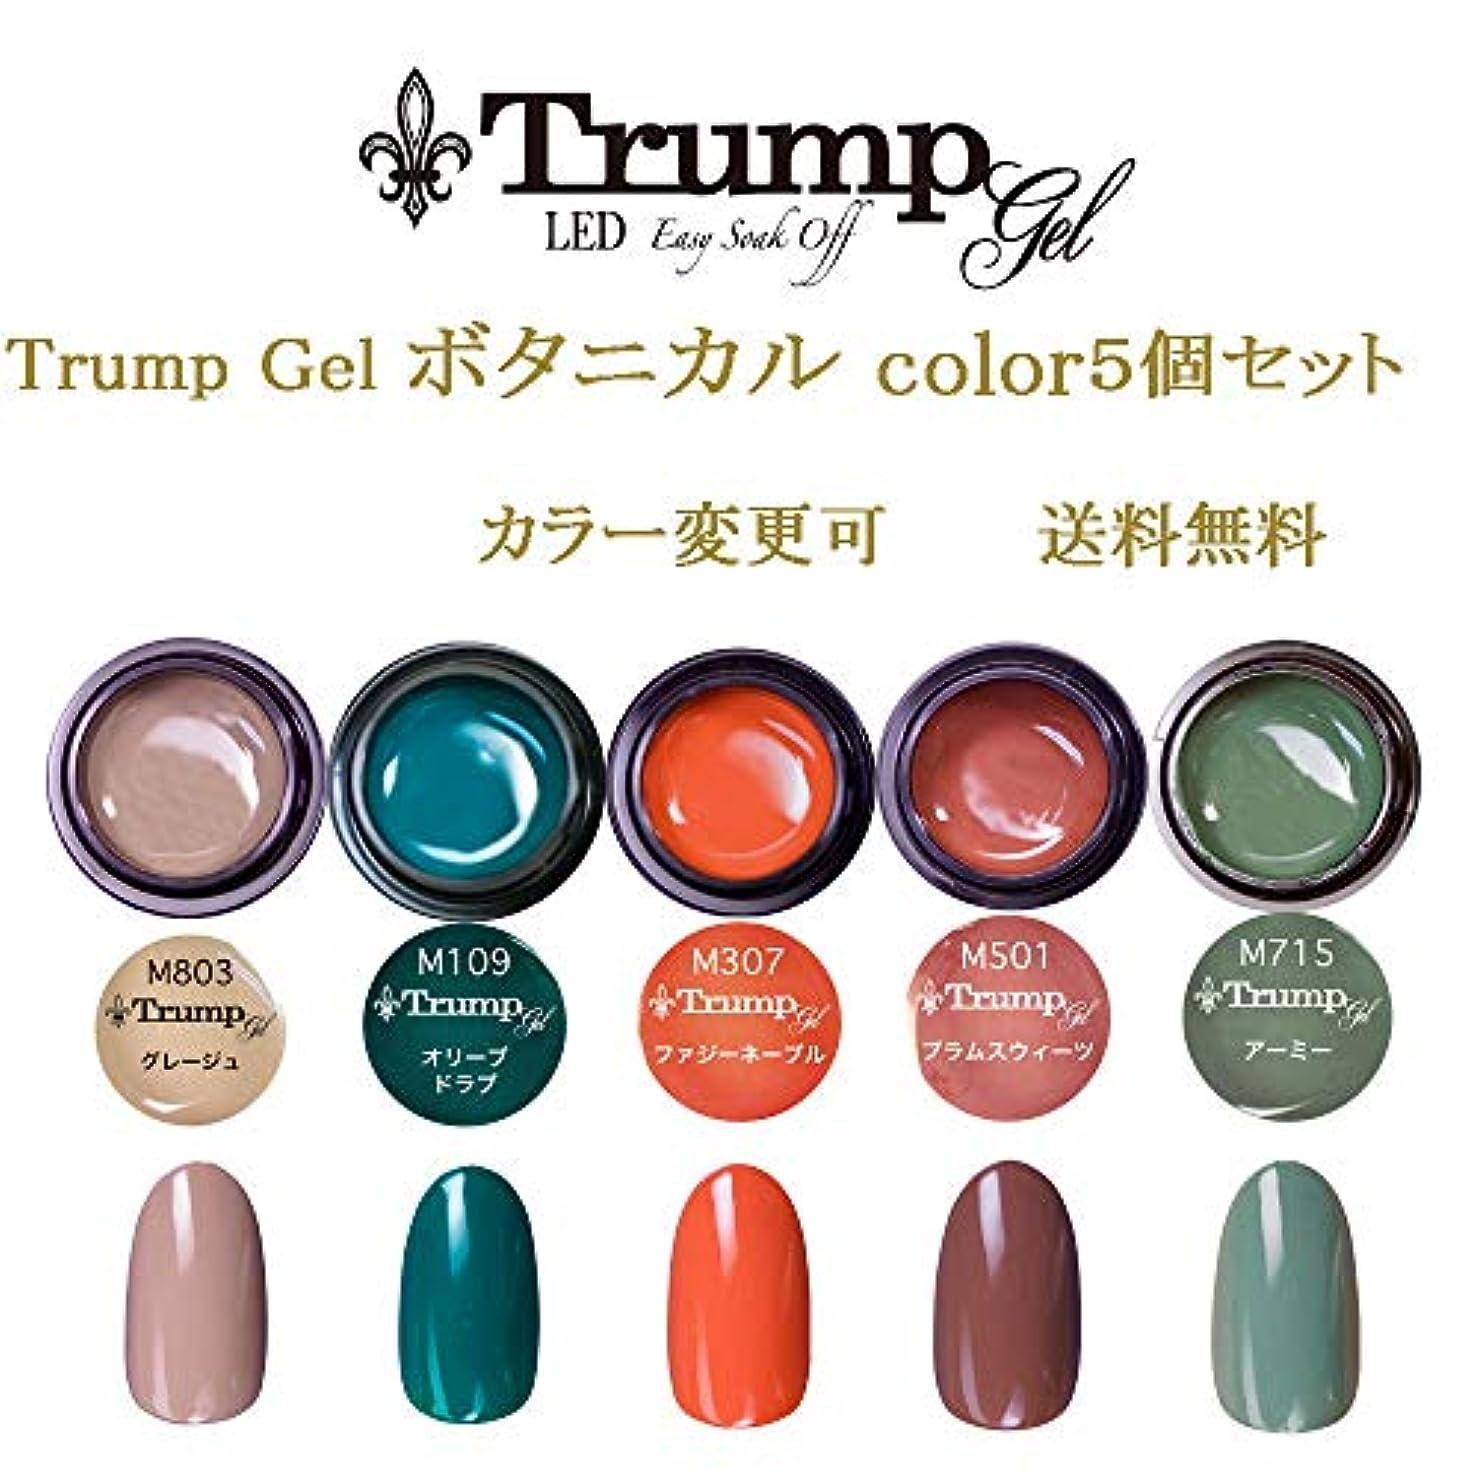 コンピューターを使用する資源ベット日本製 Trump gel トランプジェル ボタニカルカラー 選べる カラージェル 5個セット カーキー ベージュ グリーン